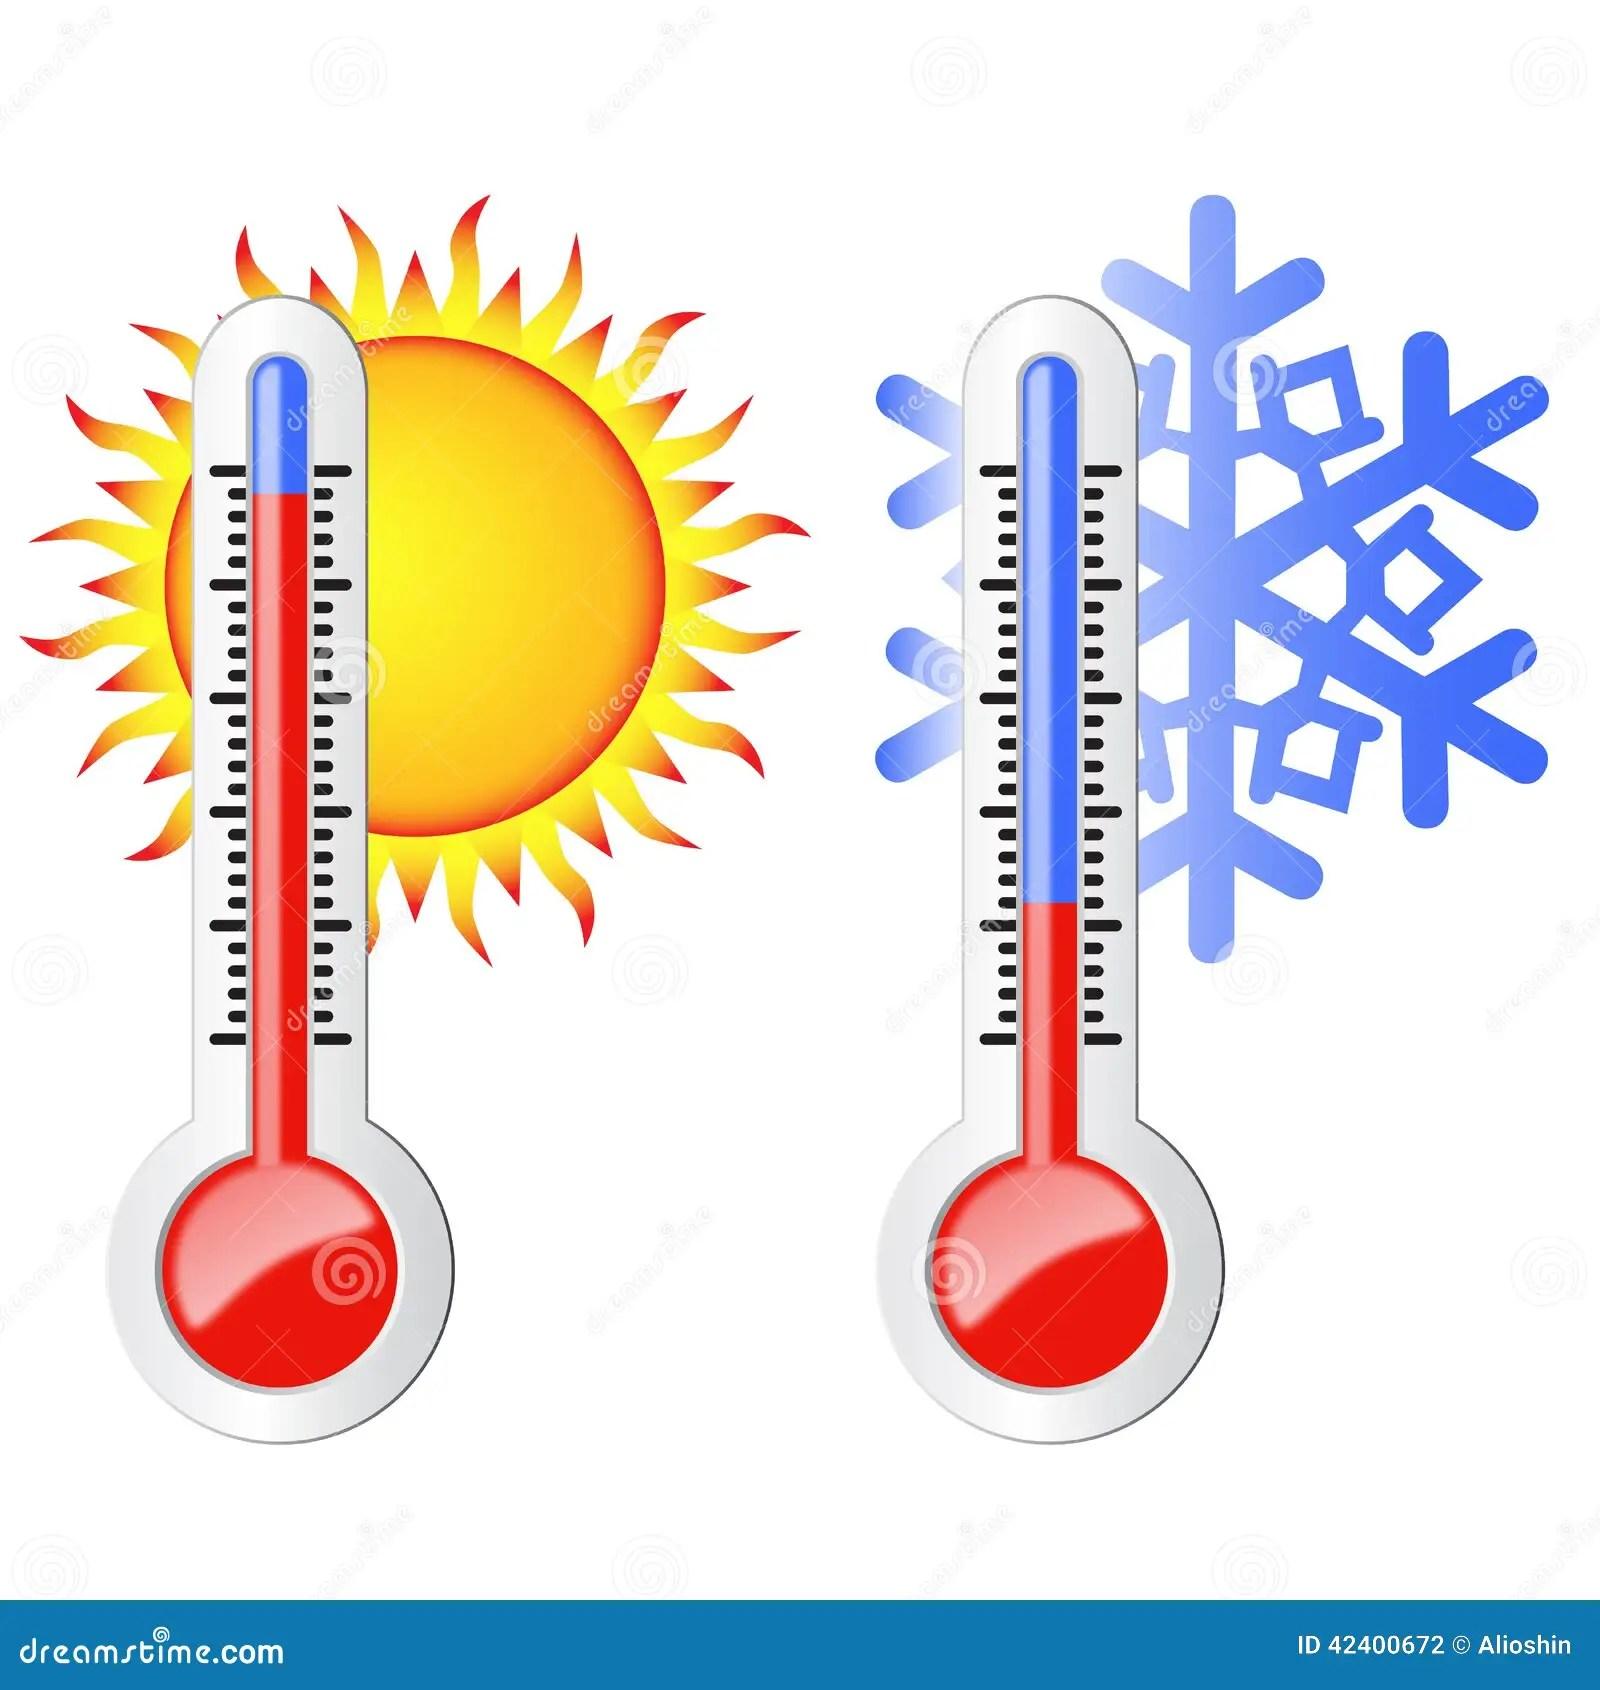 Degrees Celcius Temperature Worksheet